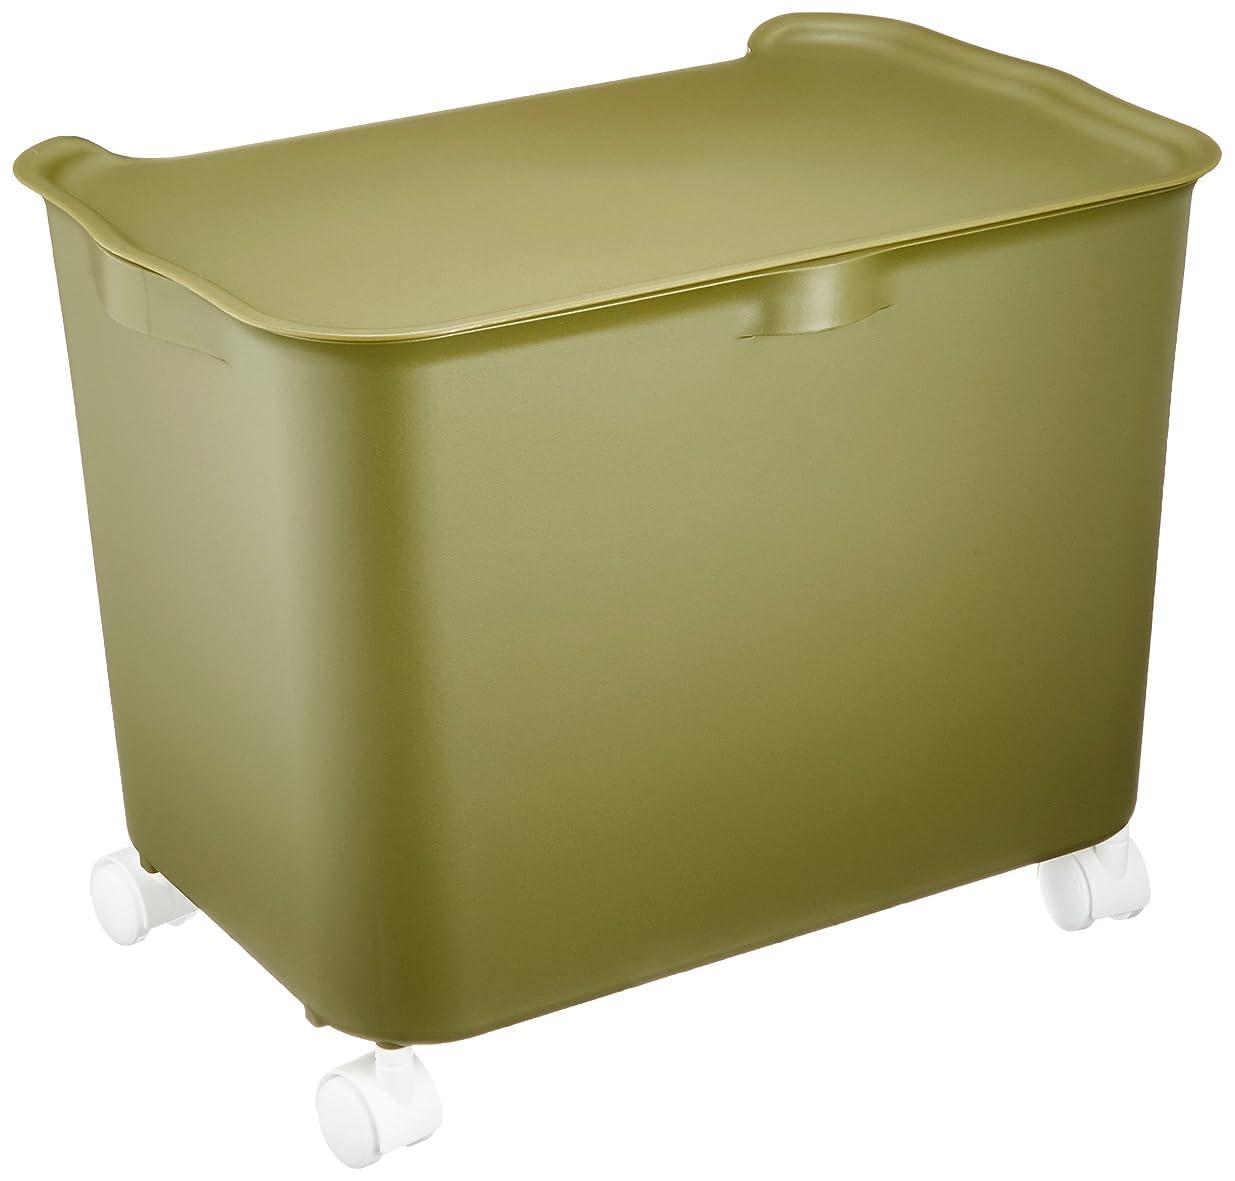 温室習慣ヒゲクジラサンカ 日本製 katasu(カタス) 収納ボックス(3個組) ふた付き キャスター付き ハコL3個/フタML3個/キャスター グリーン KhLGR×3+KfMLGR×3+ACS